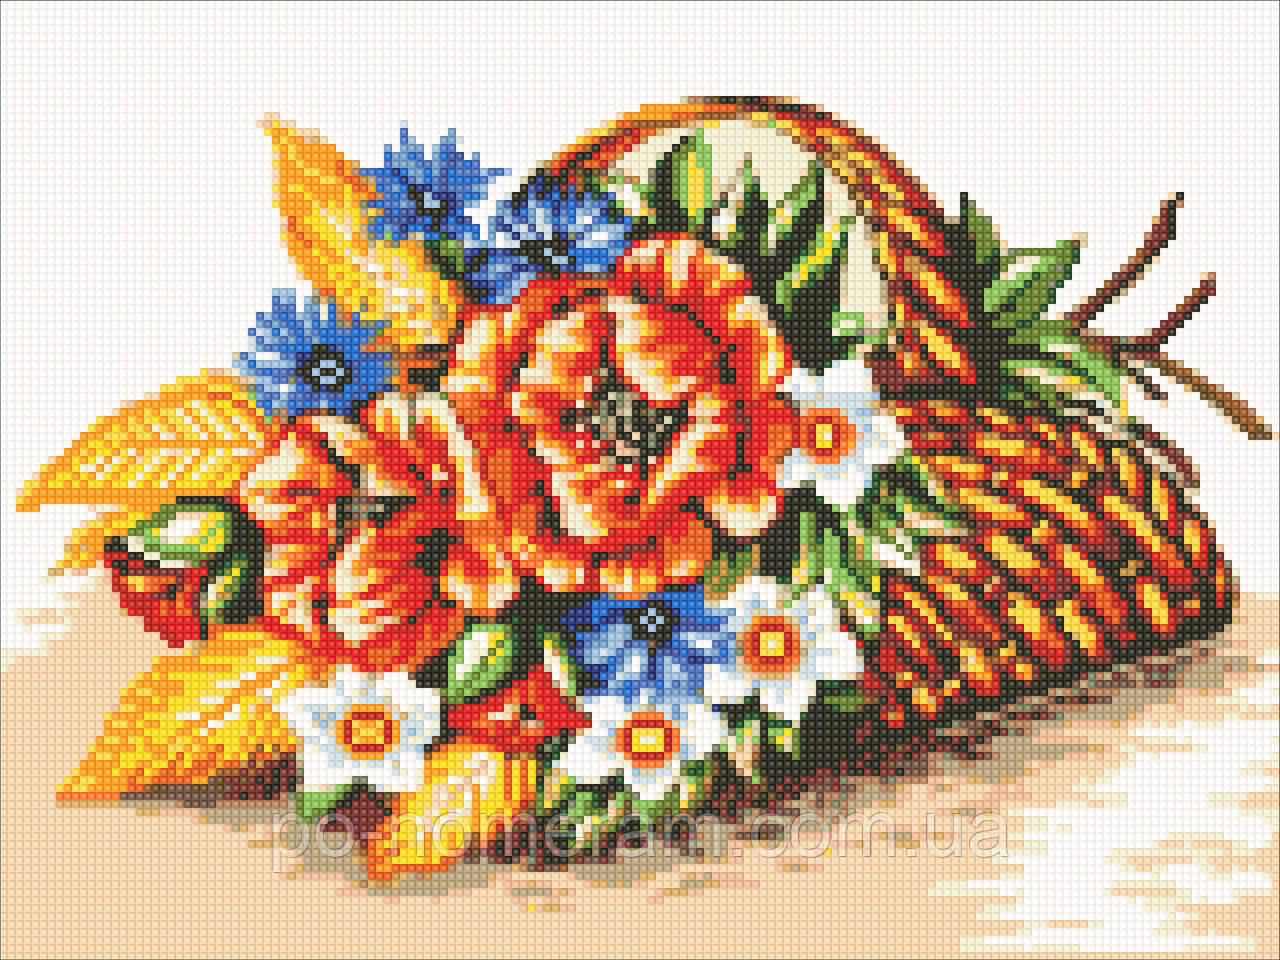 Алмазная вышивка Алмазная мозаика Полевые цветы (DM-307) 30 х 40 см (Без подрамника)